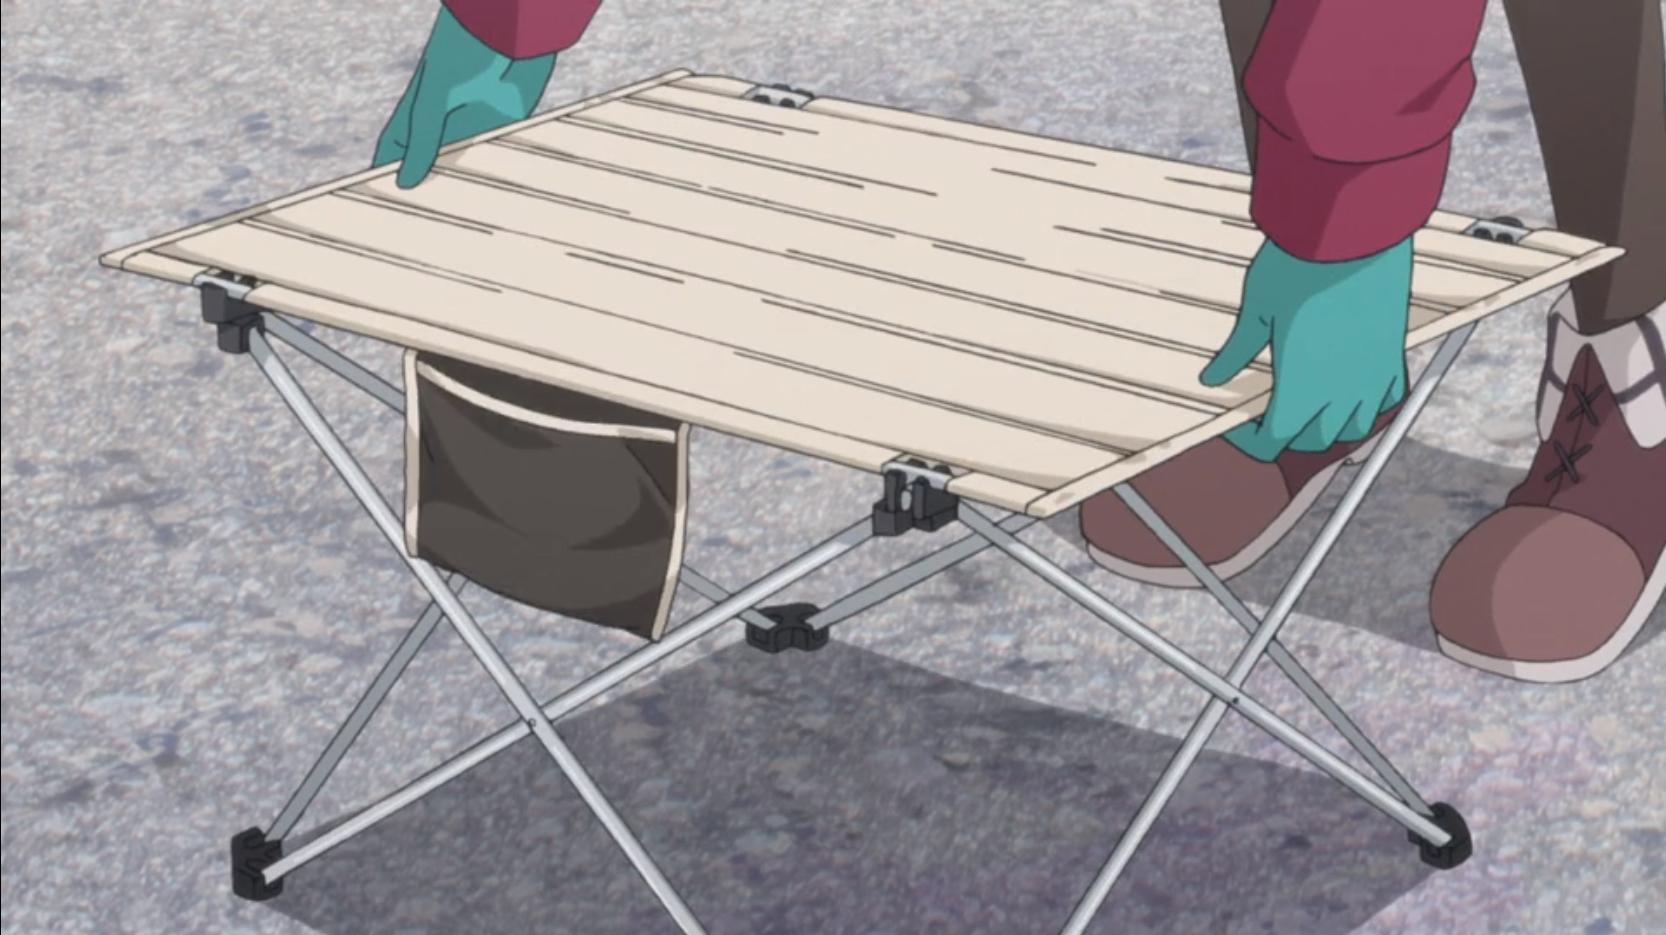 アニメ『ゆるキャン△』12話のなでしこのキャン道具テーブル